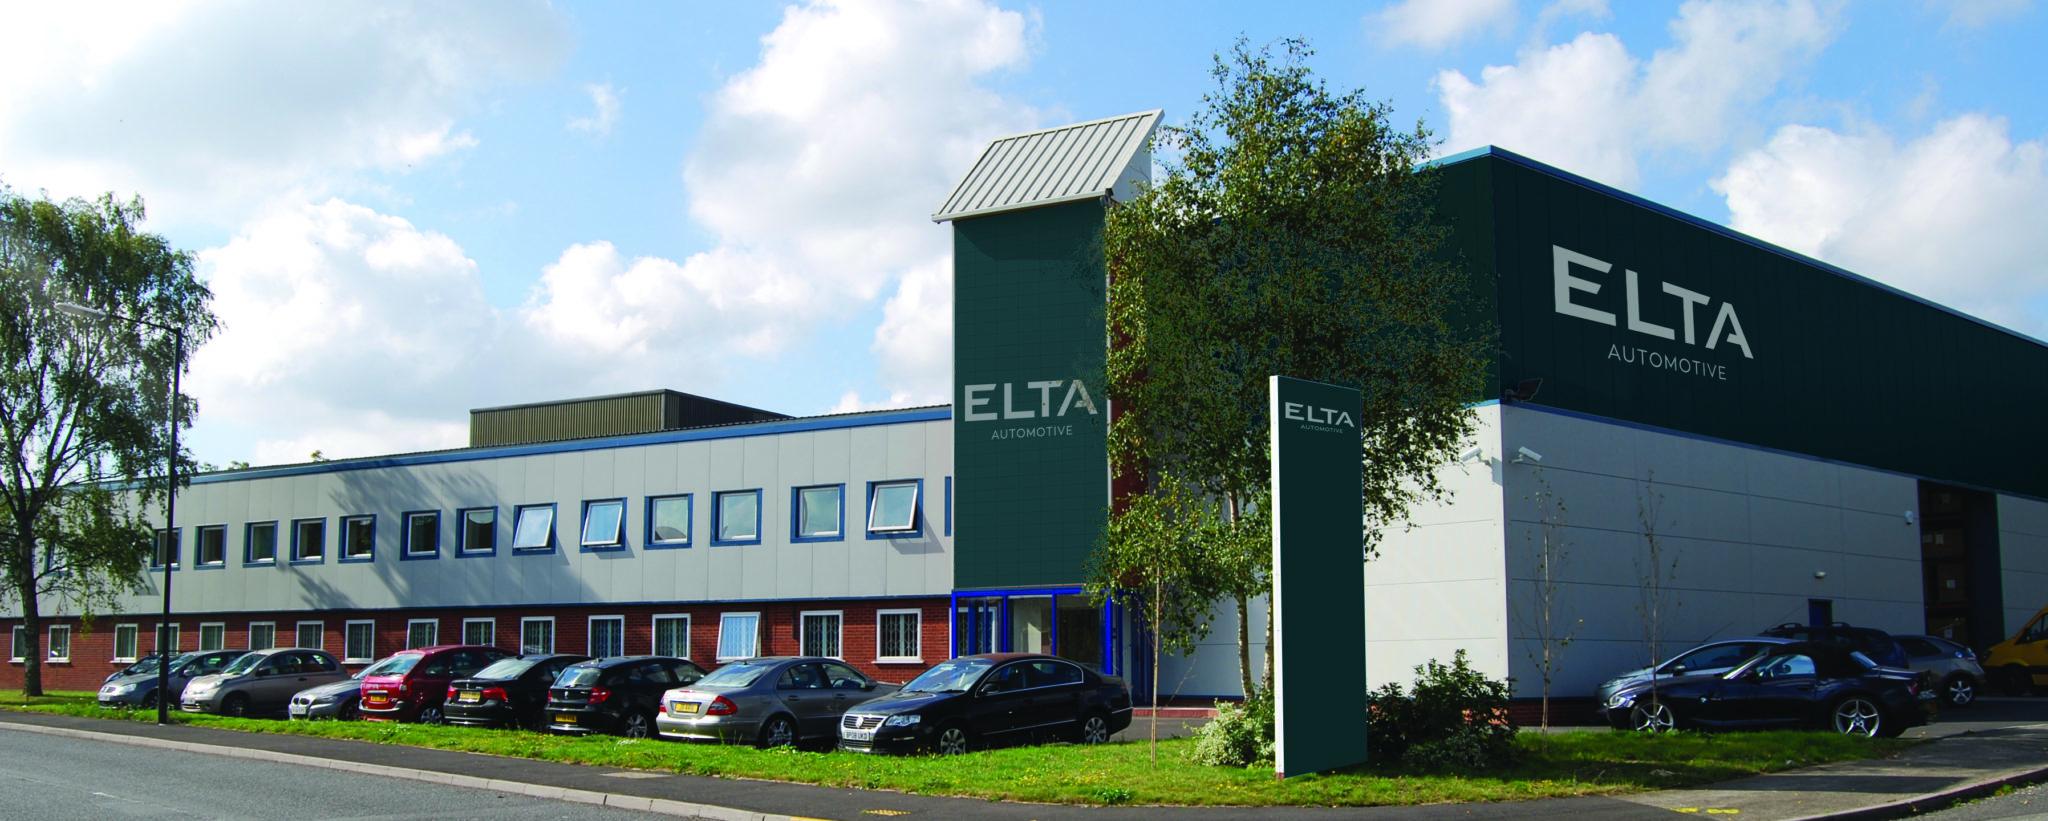 ELTA Automotive UK Headquarters